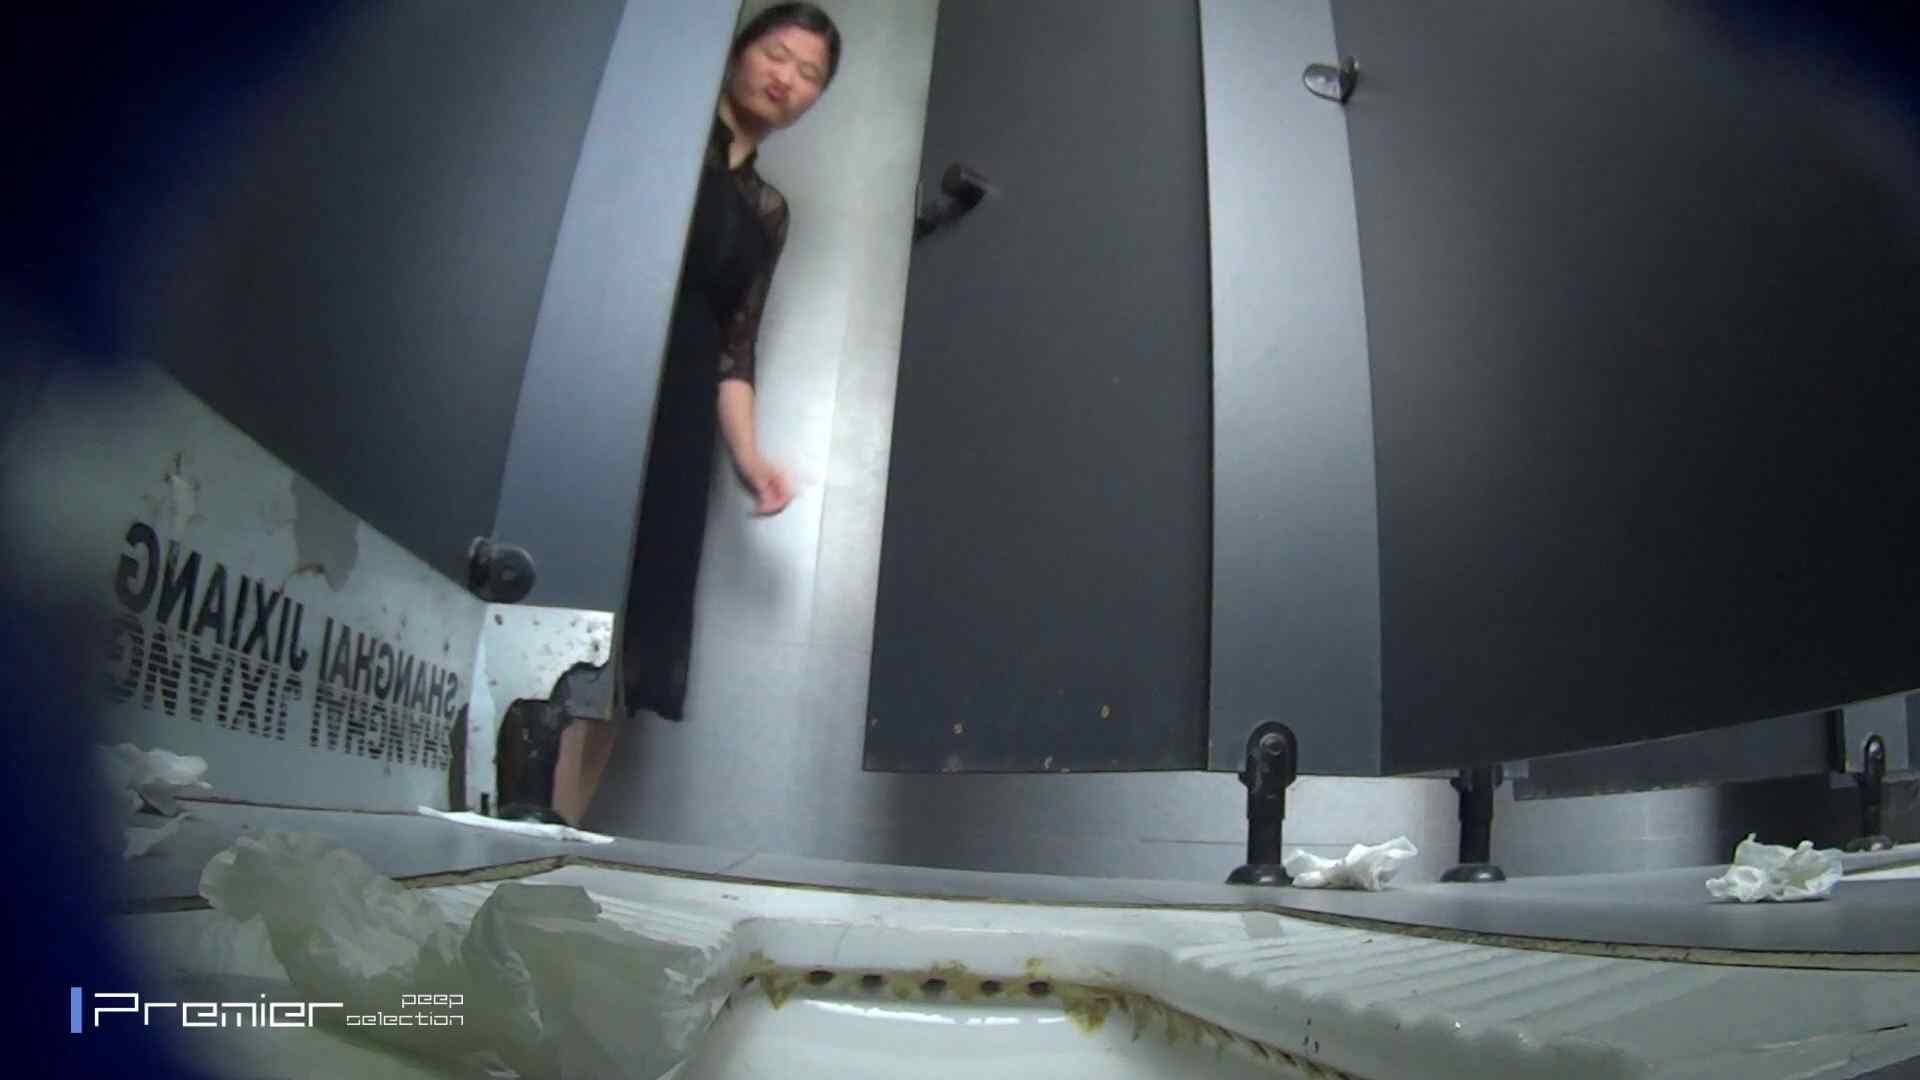 スキニージーンズの美女 大学休憩時間の洗面所事情56 盛合せ SEX無修正画像 106枚 64